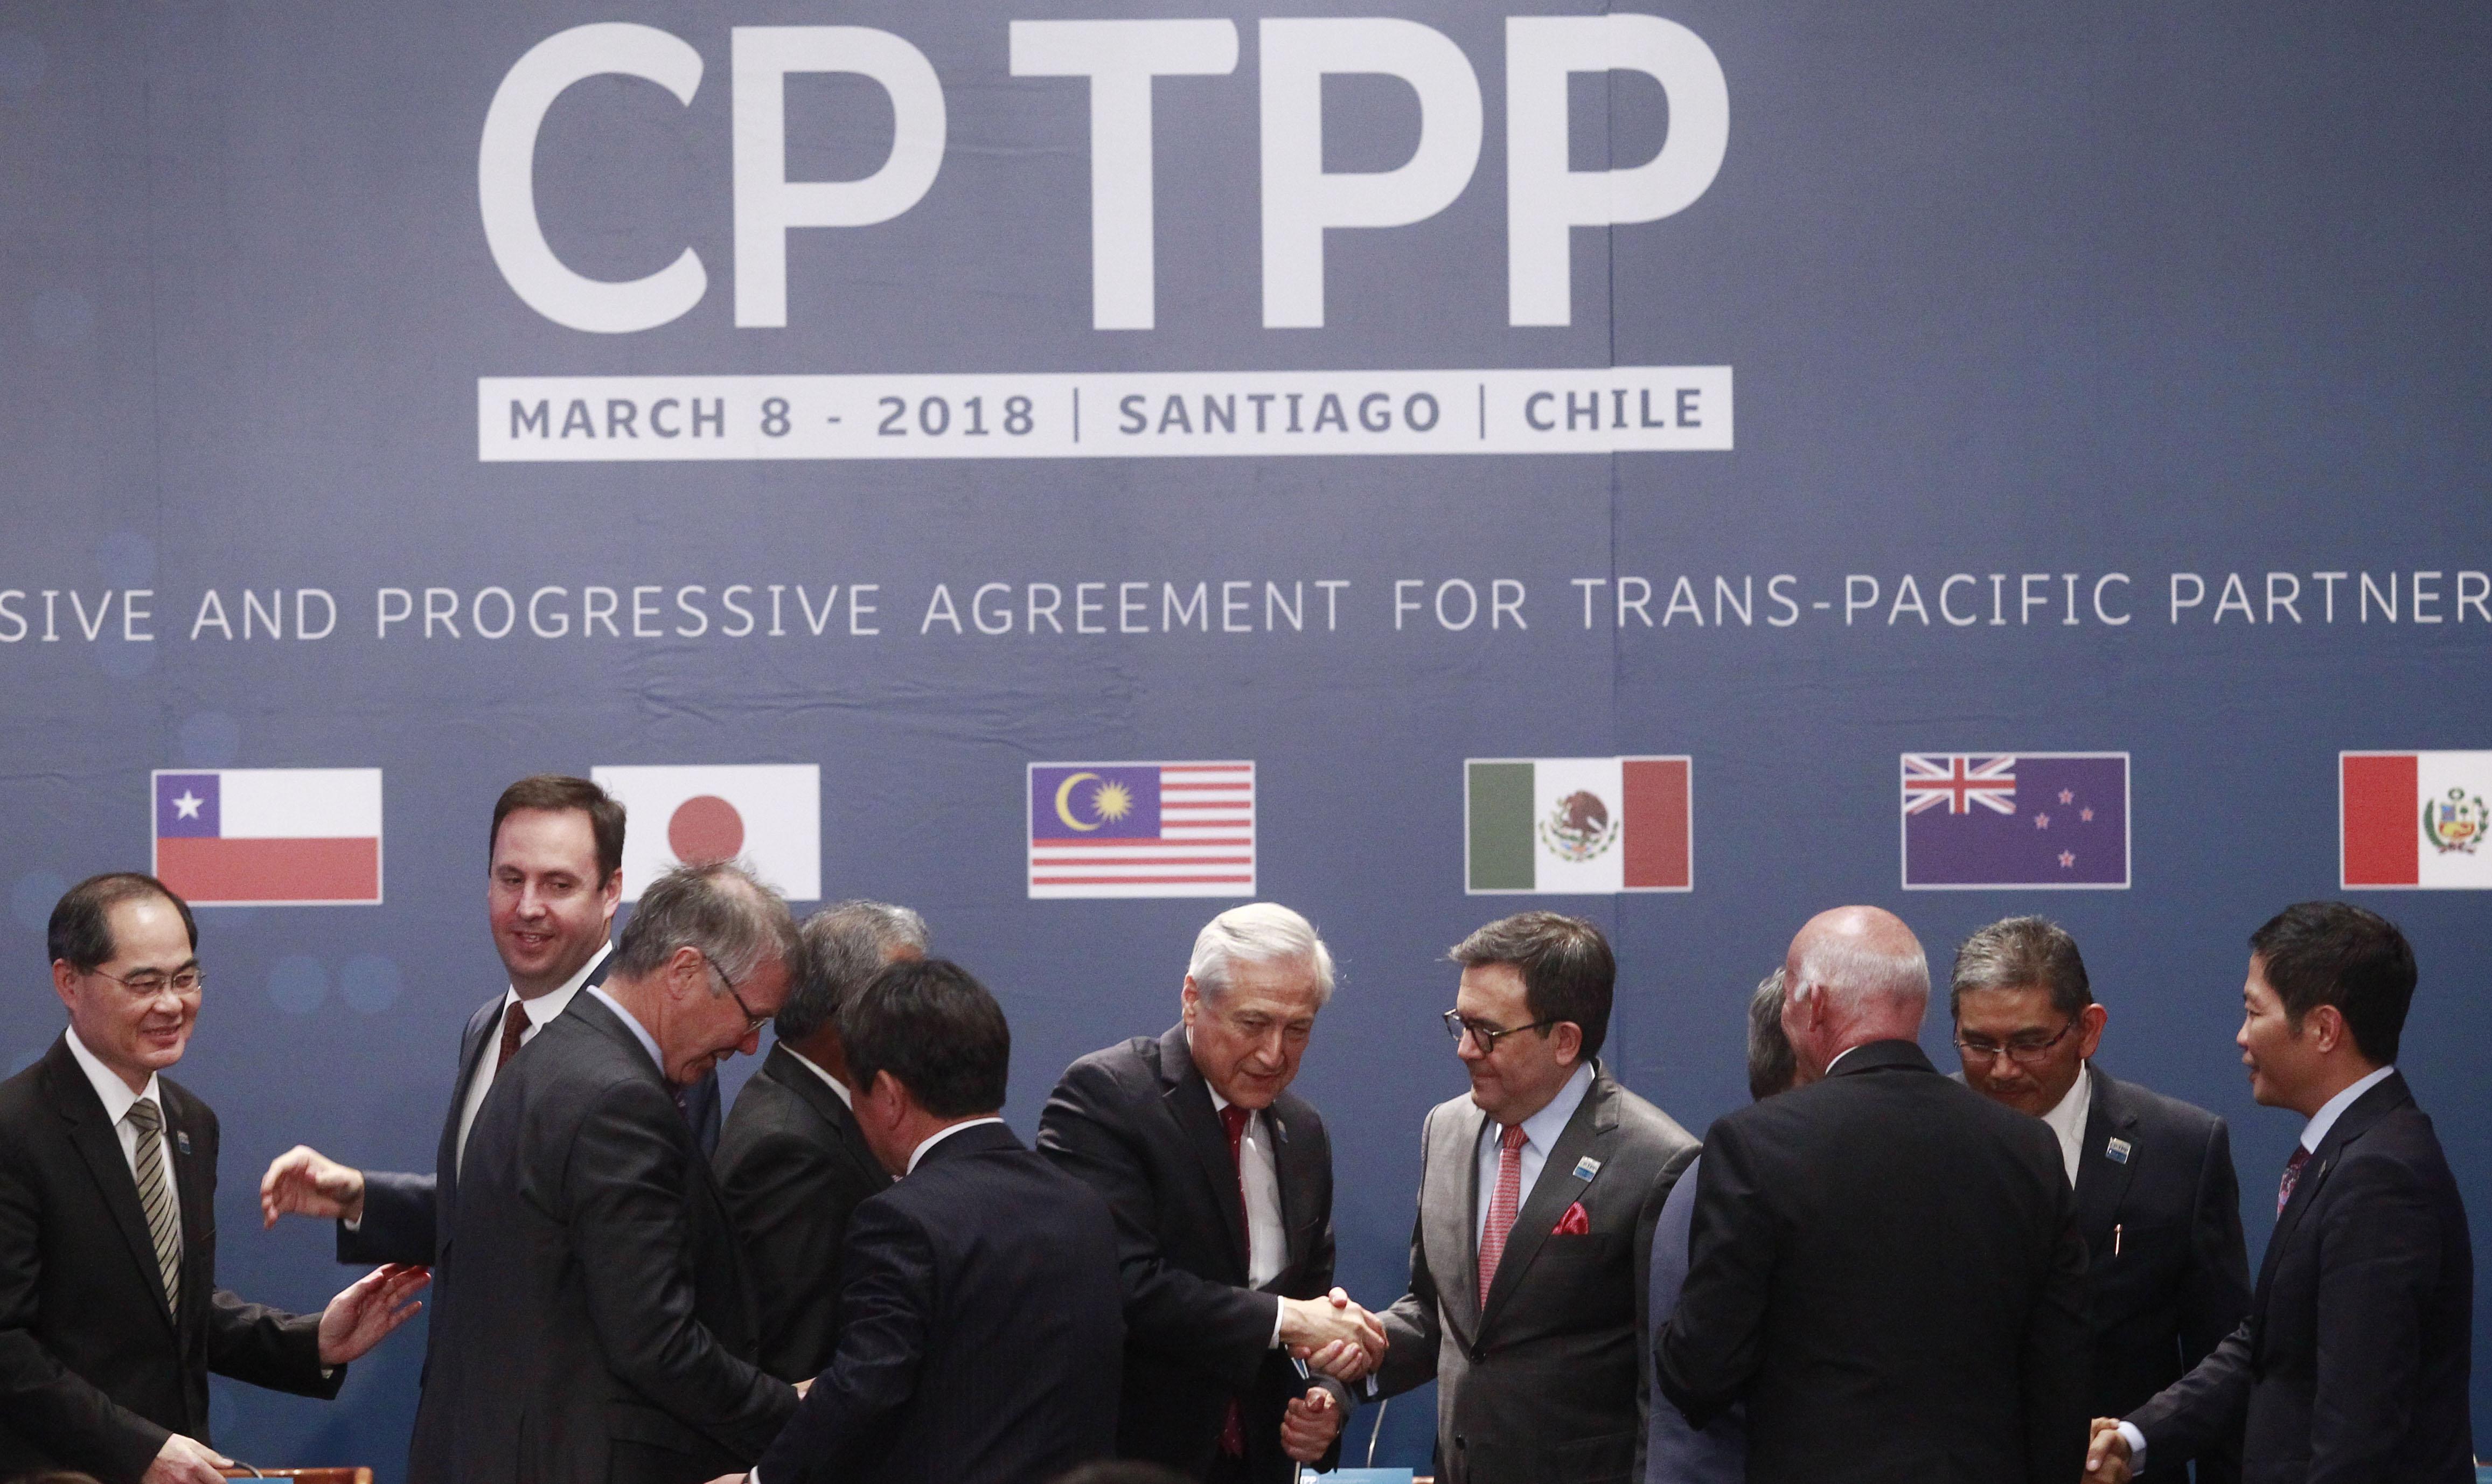 Gobierno desmiente que TPP-11 haya sido redactado por transnacionales